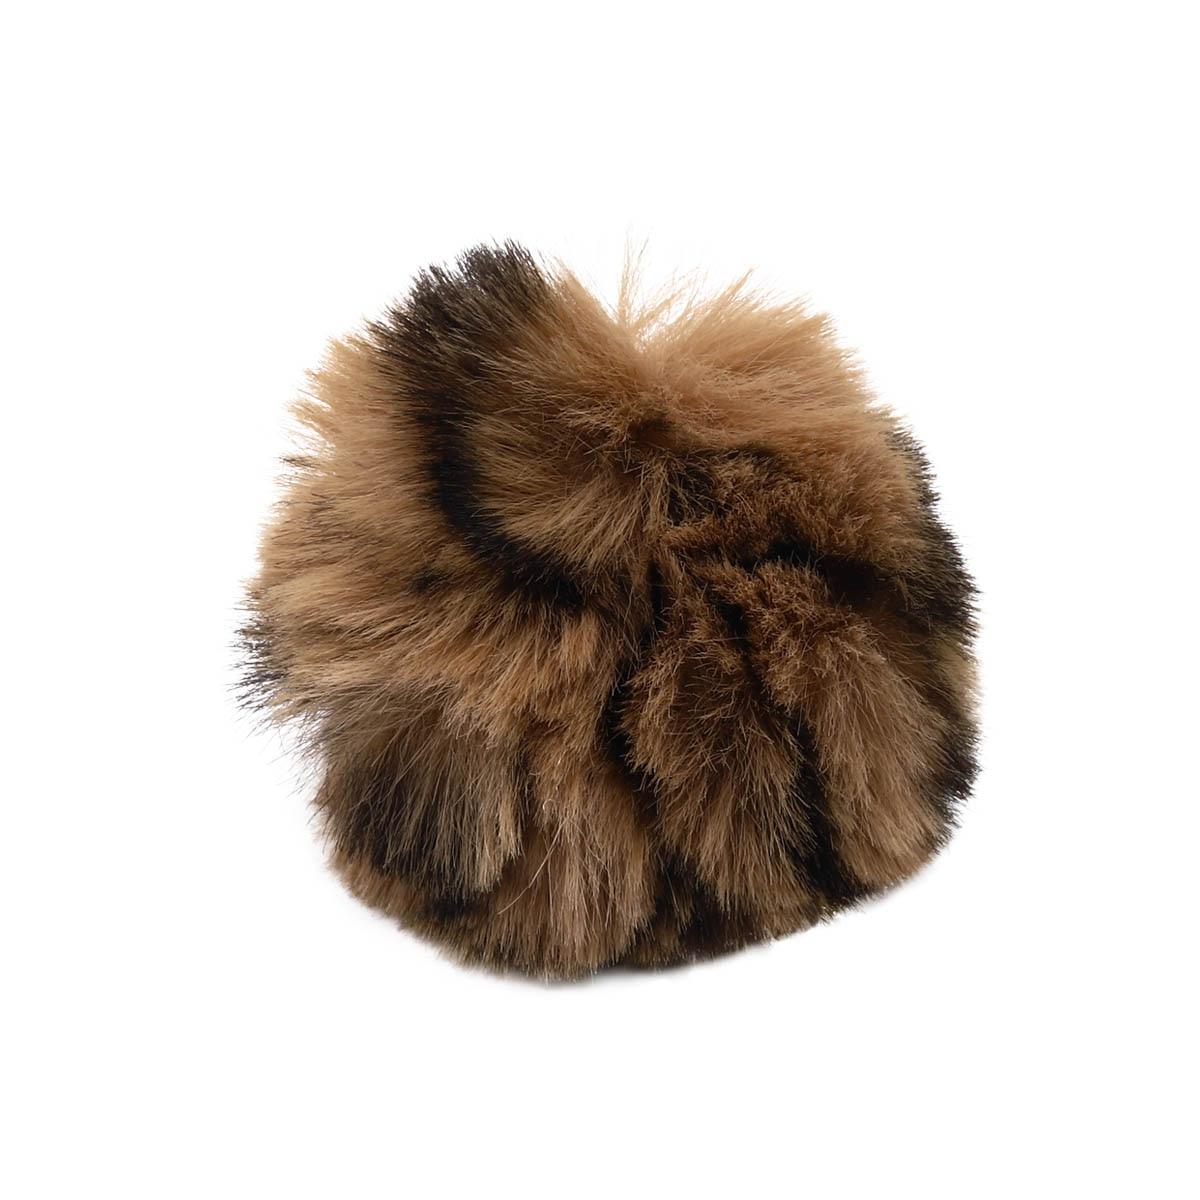 Ar528 Pompon Artificial Fur, Leopard, 5 Cm 2 Pcs/pack (beige)